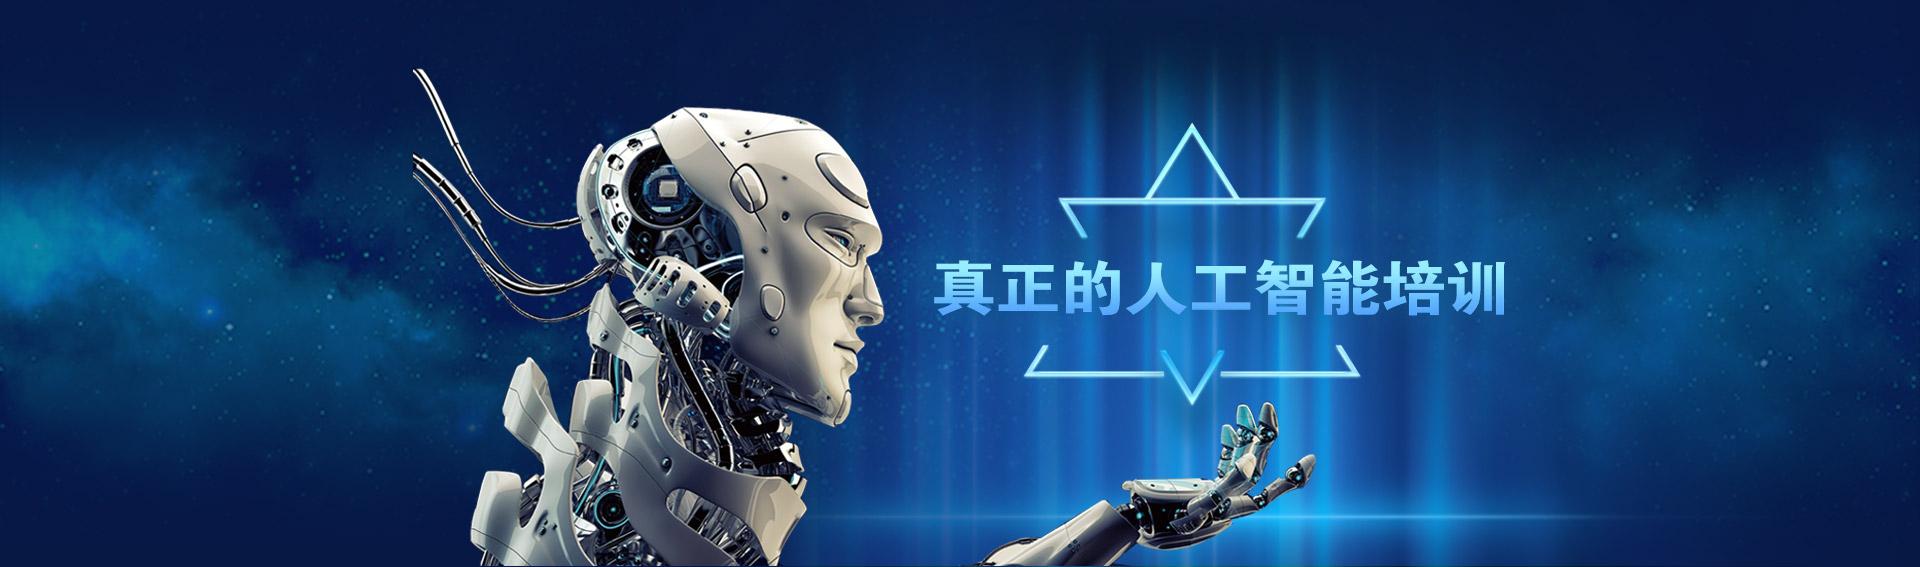 教育+AI异军突起将成新风口